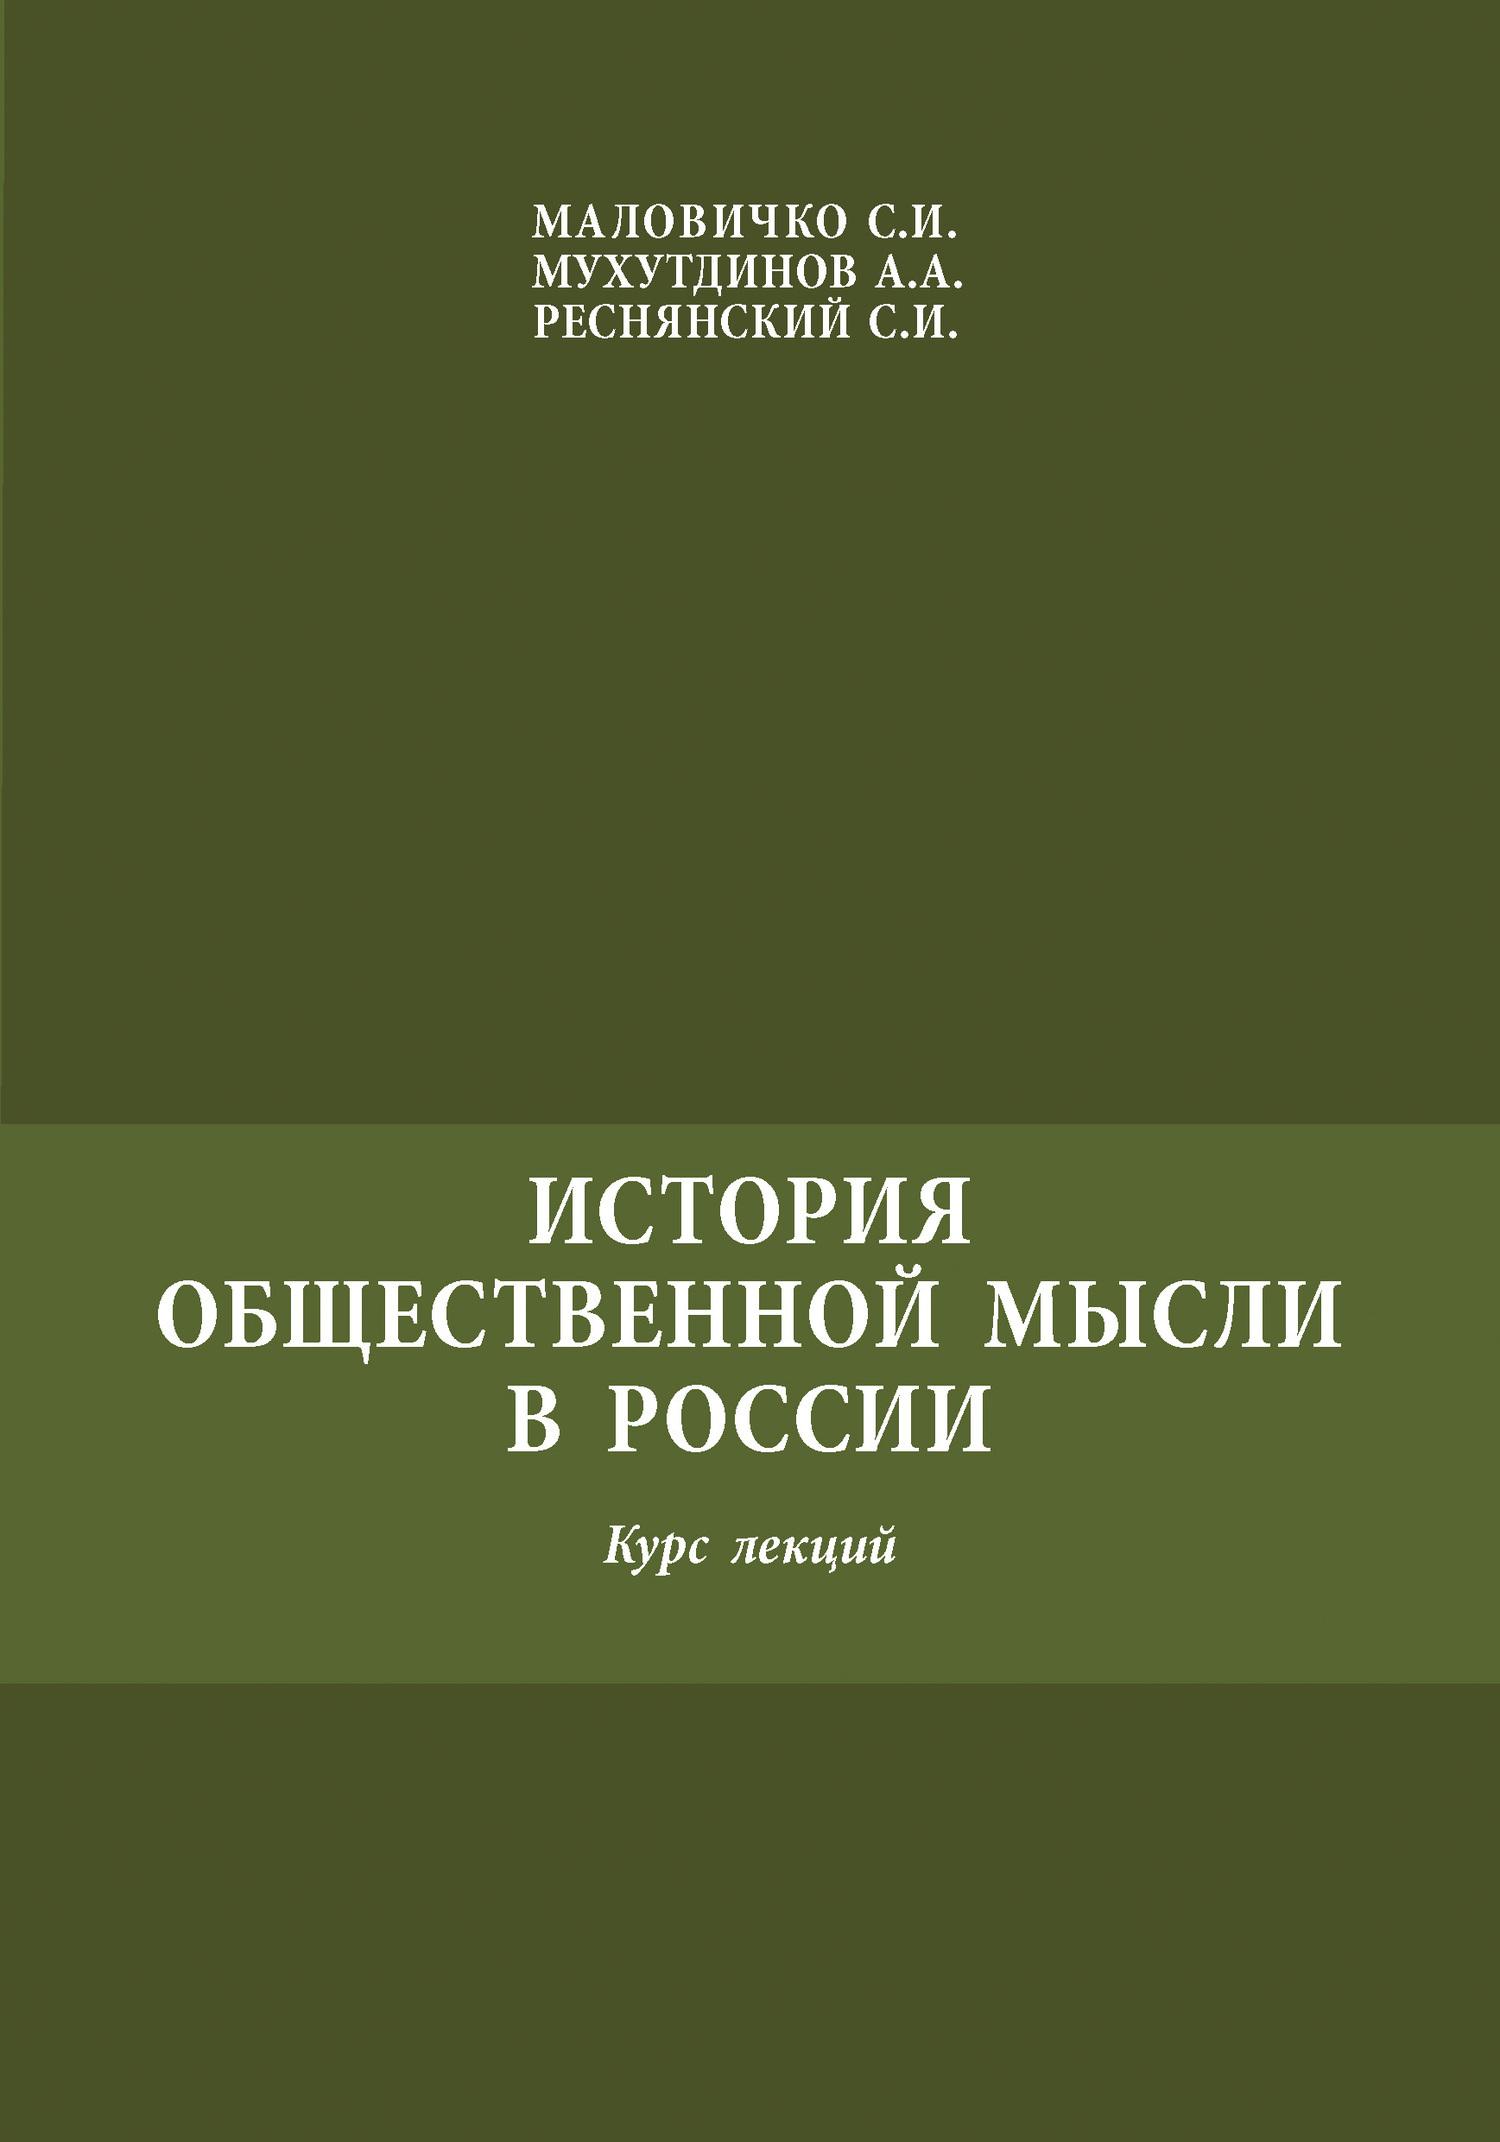 История общественной мысли в России